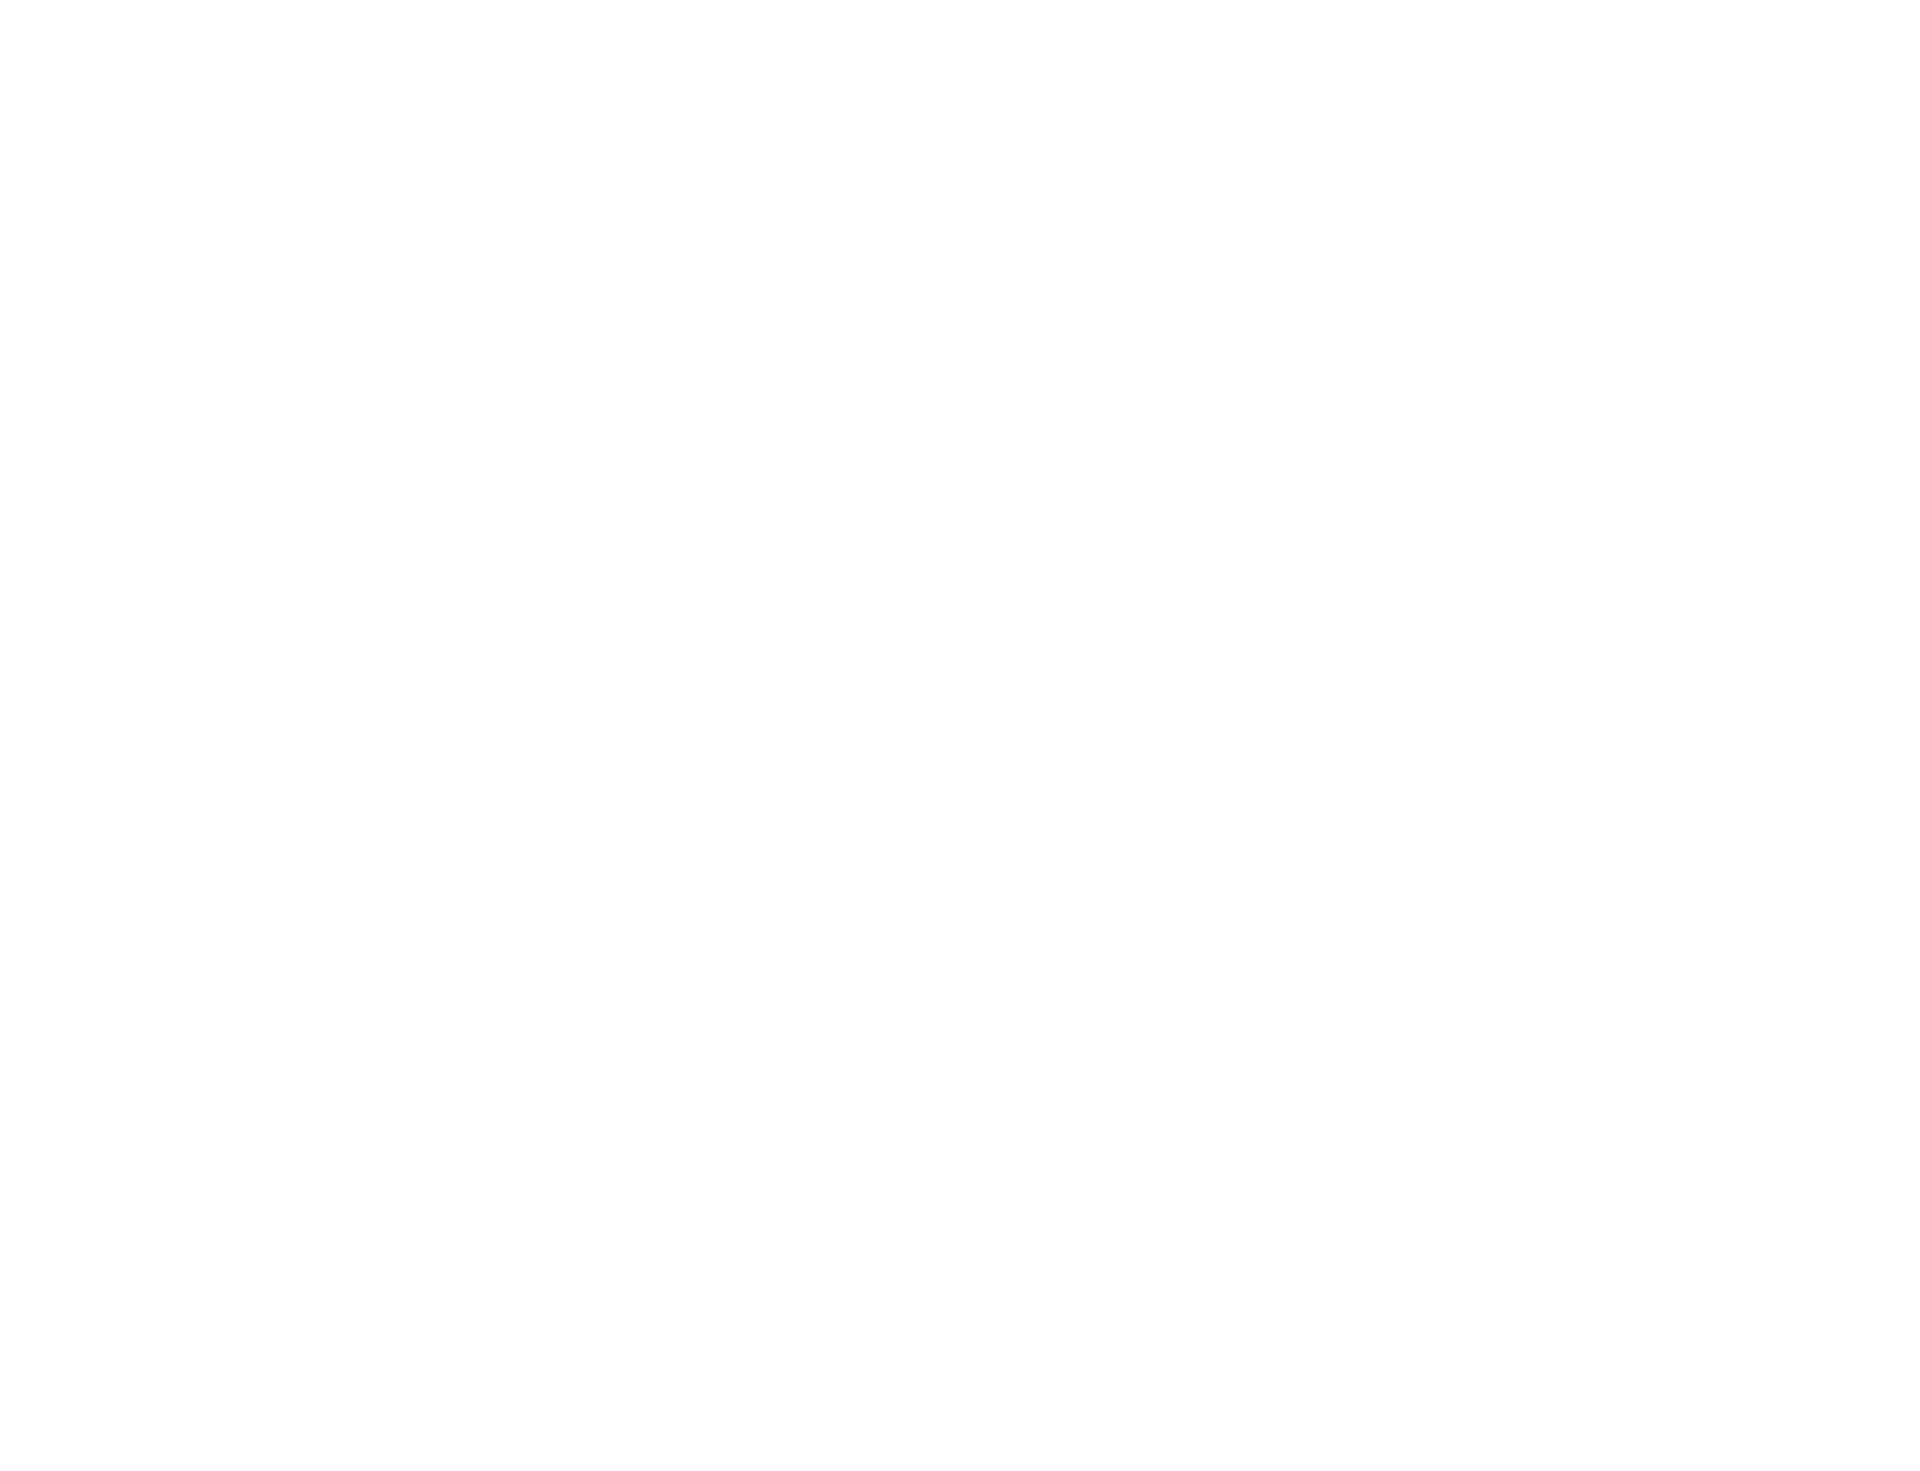 full-logo-whitefull_HD.png